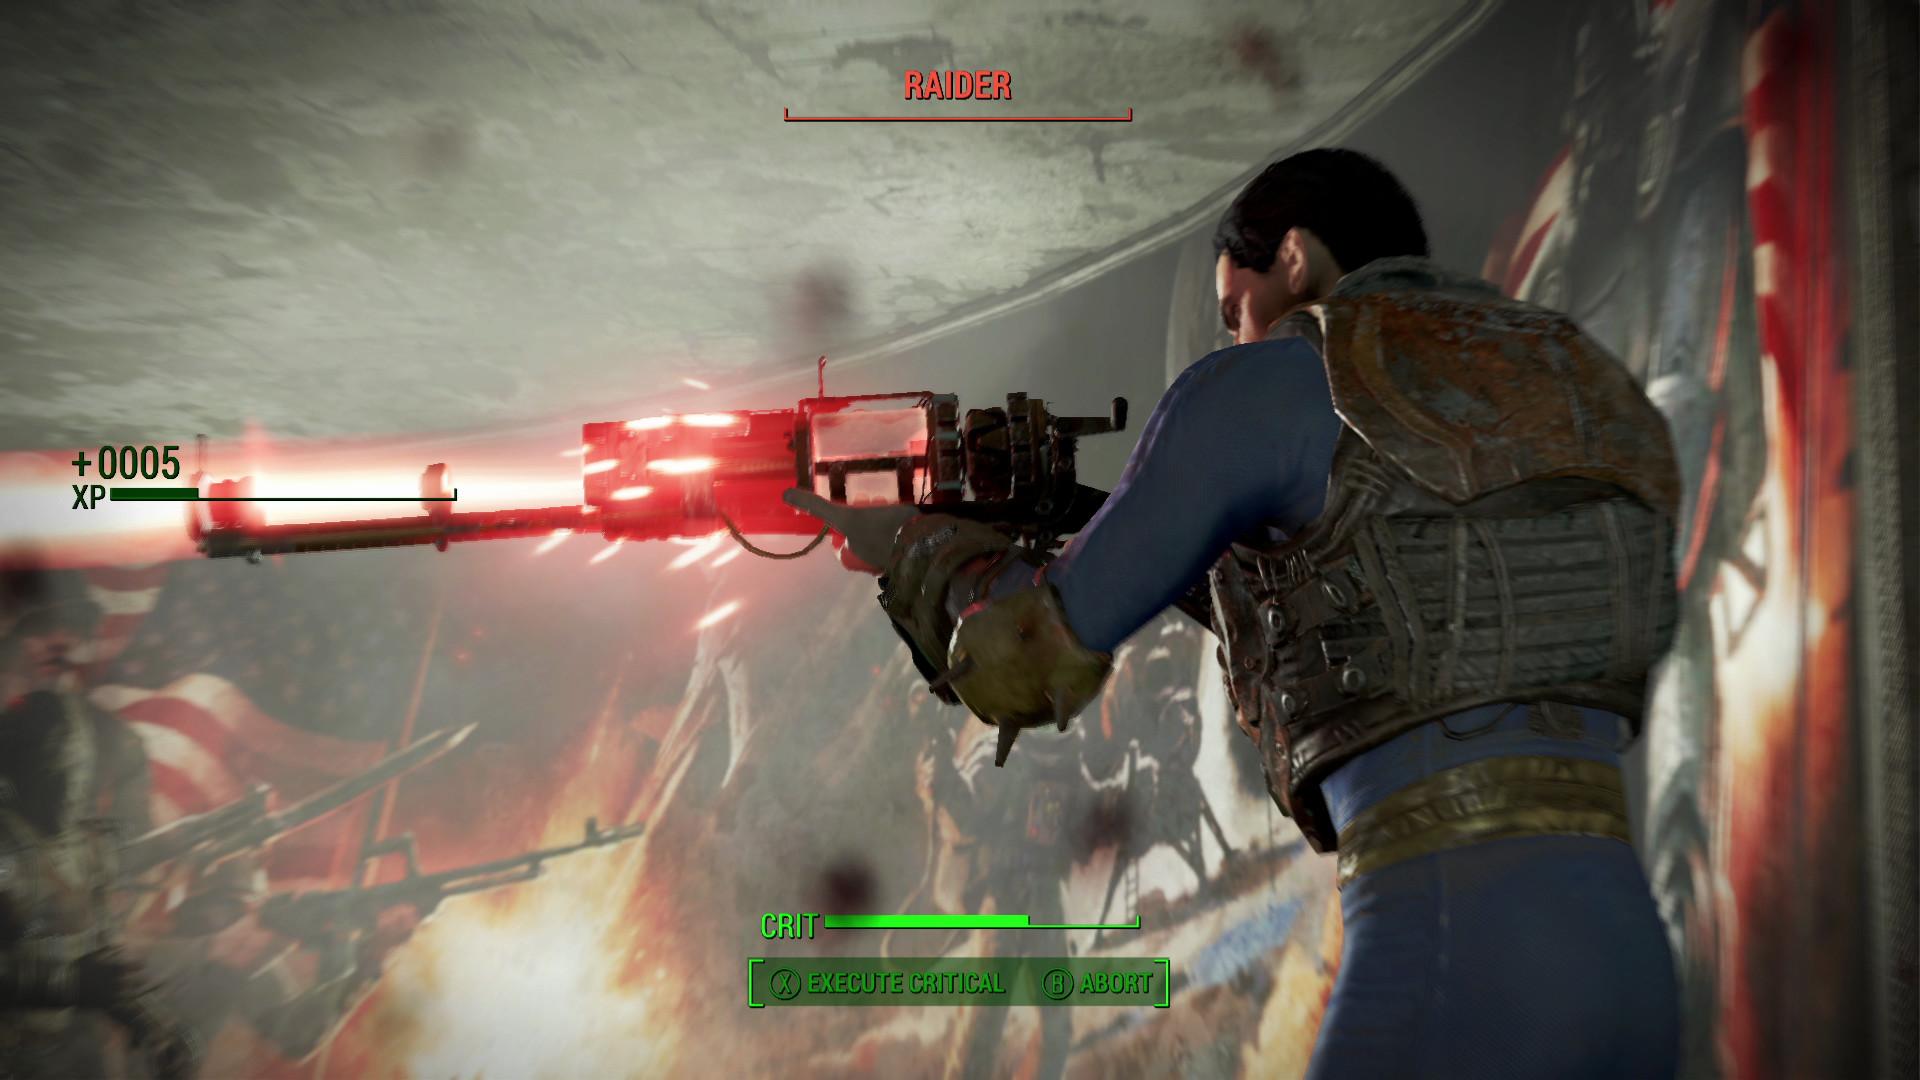 Fallout 4 er litt mer action-sentrisk enn tidligere. Heldigvis er også den delen av spillet morsommere.